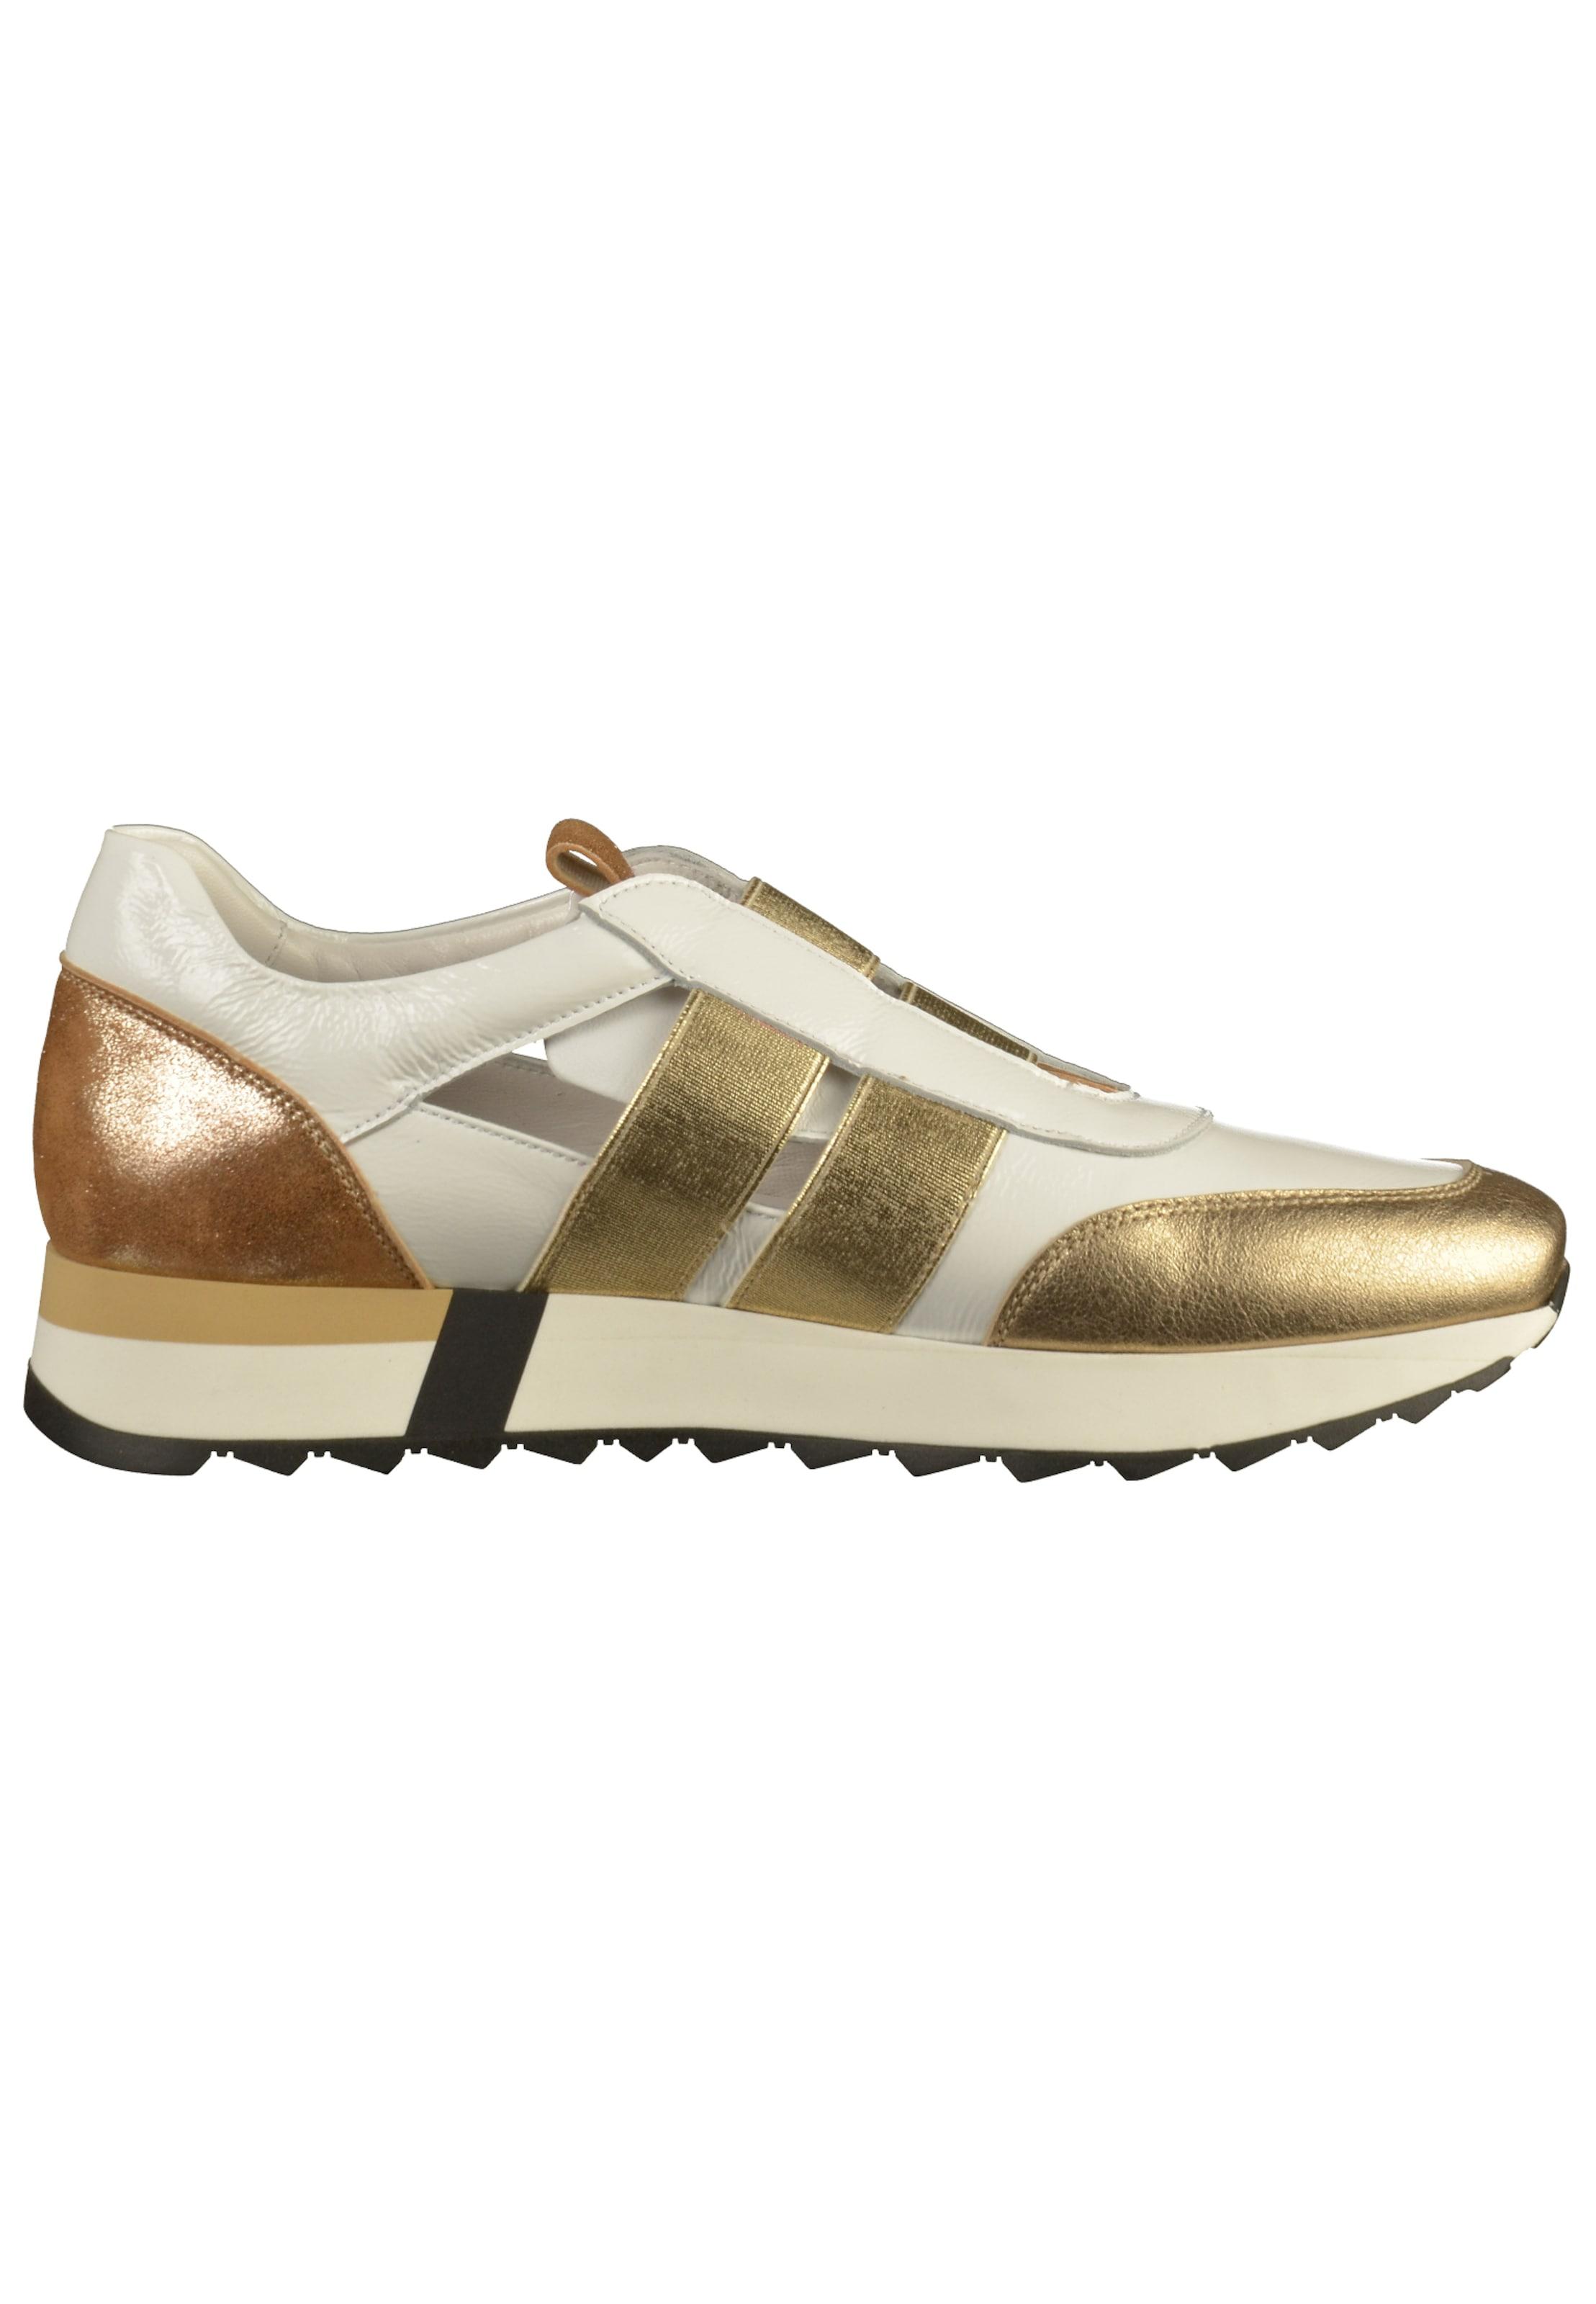 Mot In clè GoldWeiß Sneaker Sneaker GoldWeiß clè Mot In T1cFKlJ3